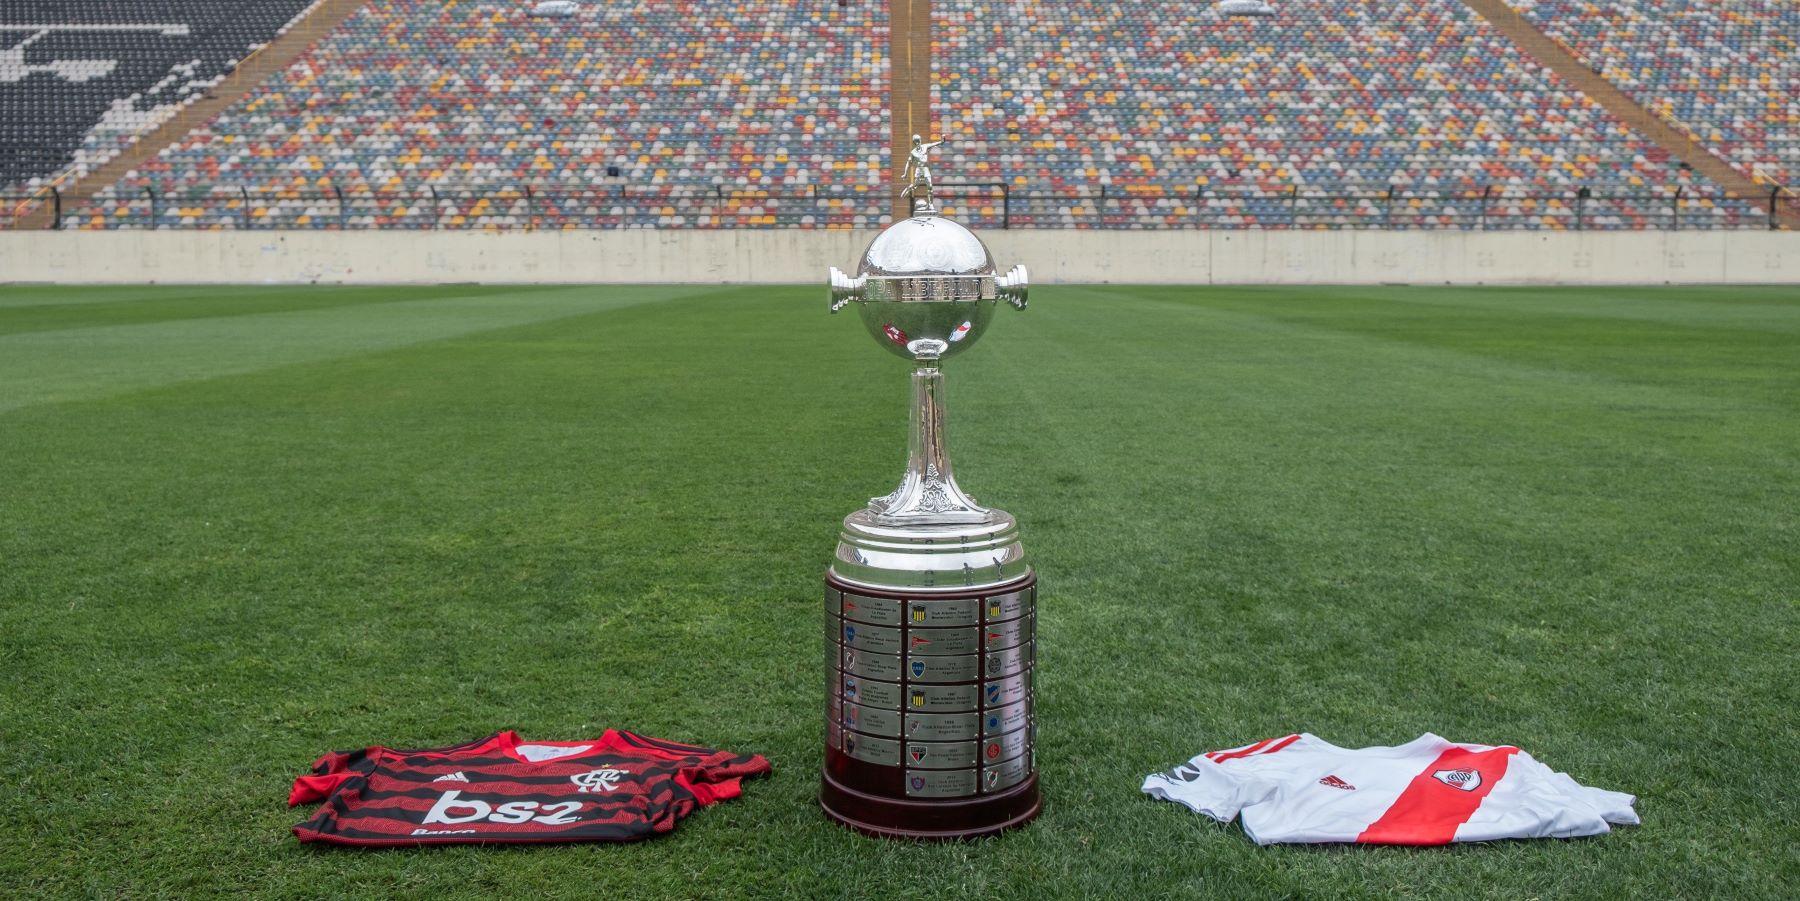 Copa Libertadores: Flamengo vs River Plate Preview